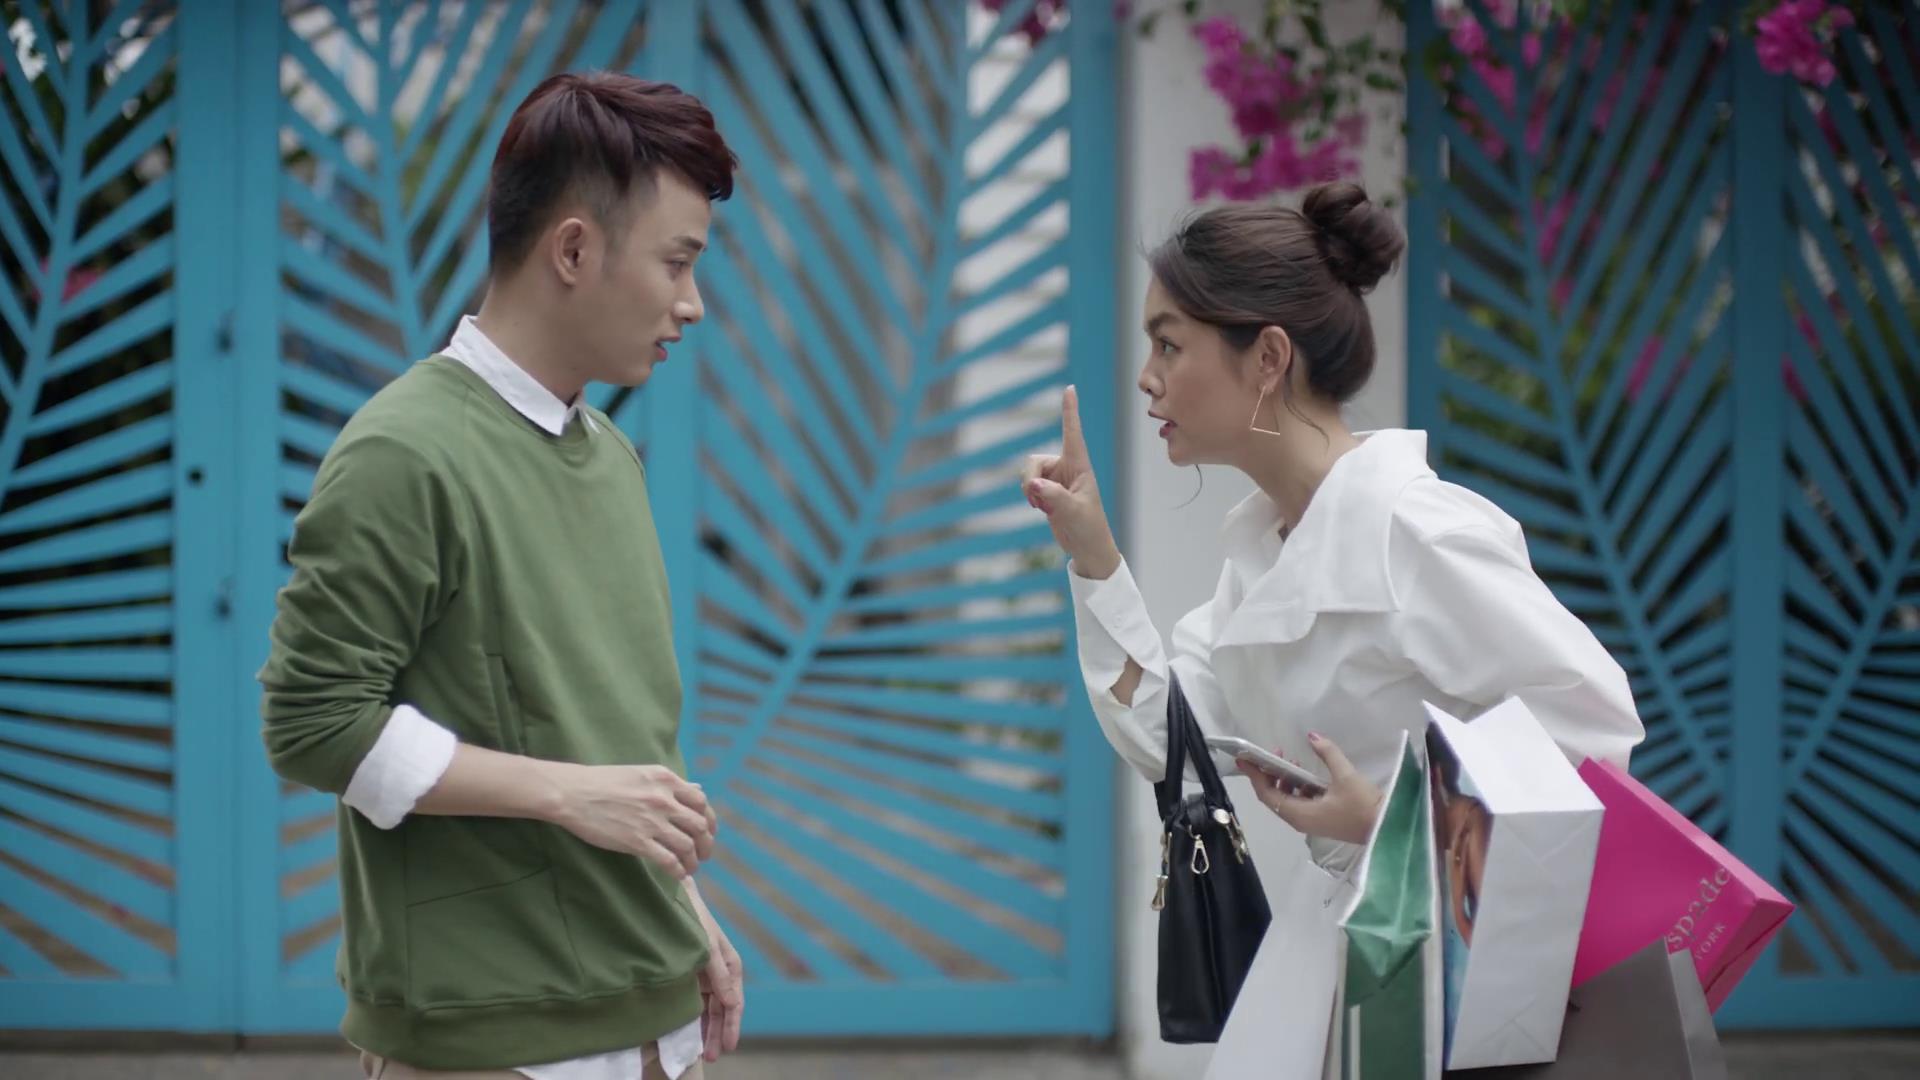 """Quà sinh nhật bất ngờ và """"khó quên"""" cho bà chị hai Phạm Quỳnh Anh, chỉ có thể là cậu em trai ngổ ngáo Trúc Nhân - Ảnh 2."""